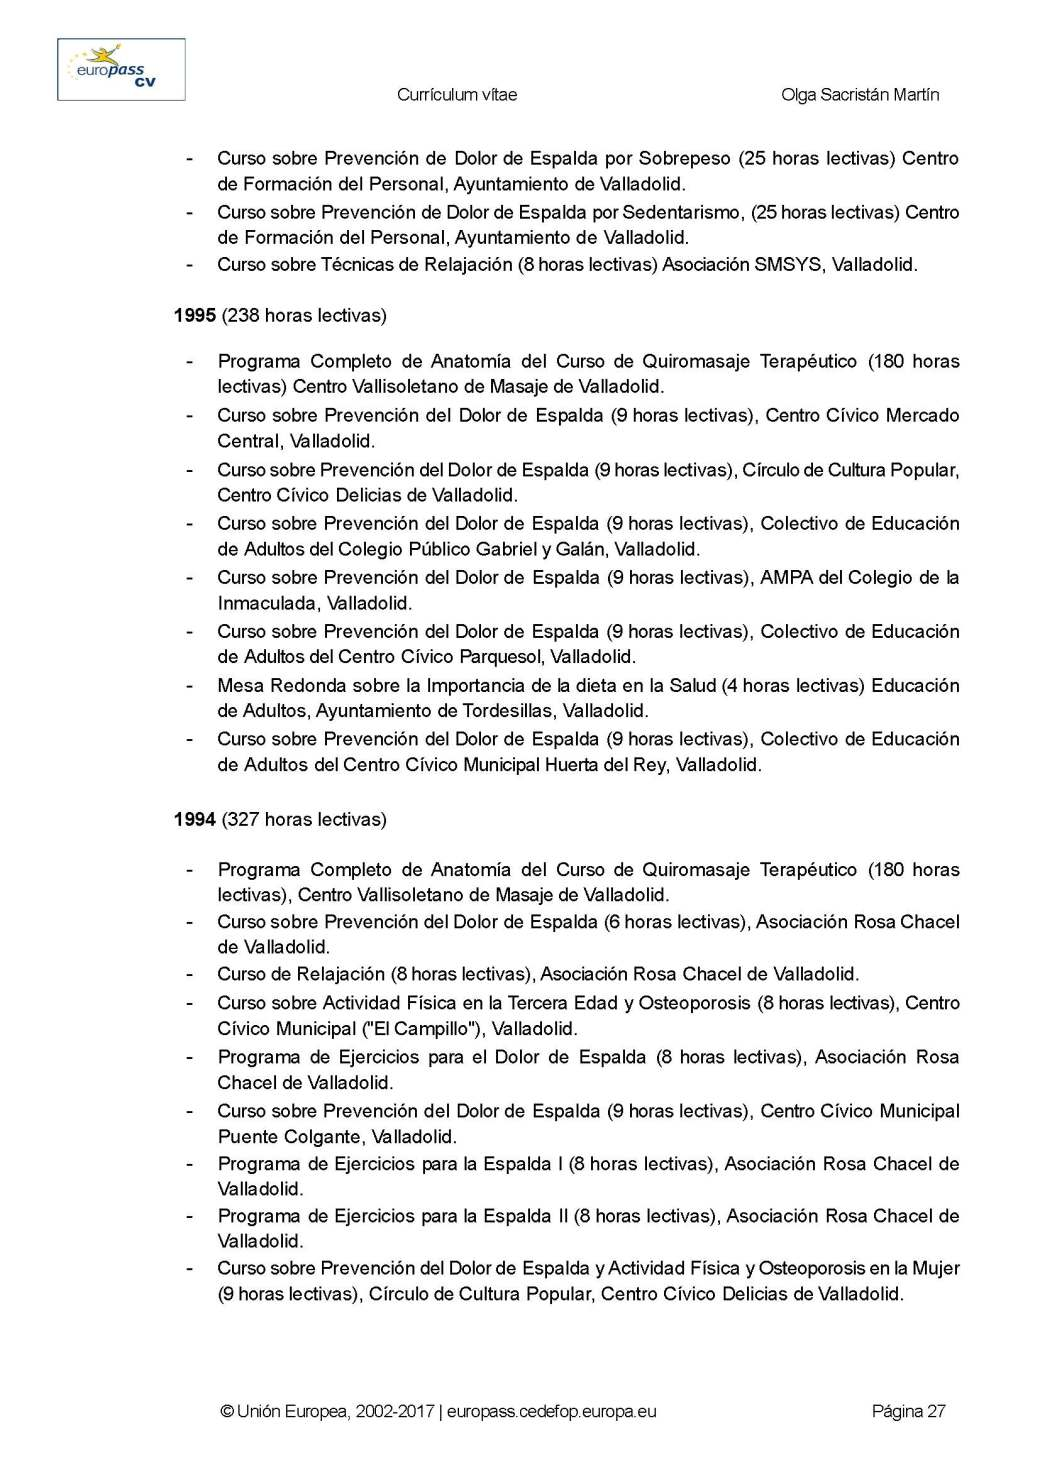 CURRICULUM EUROPASS DRA. OLGA SACRISTAN 2017_Página_27